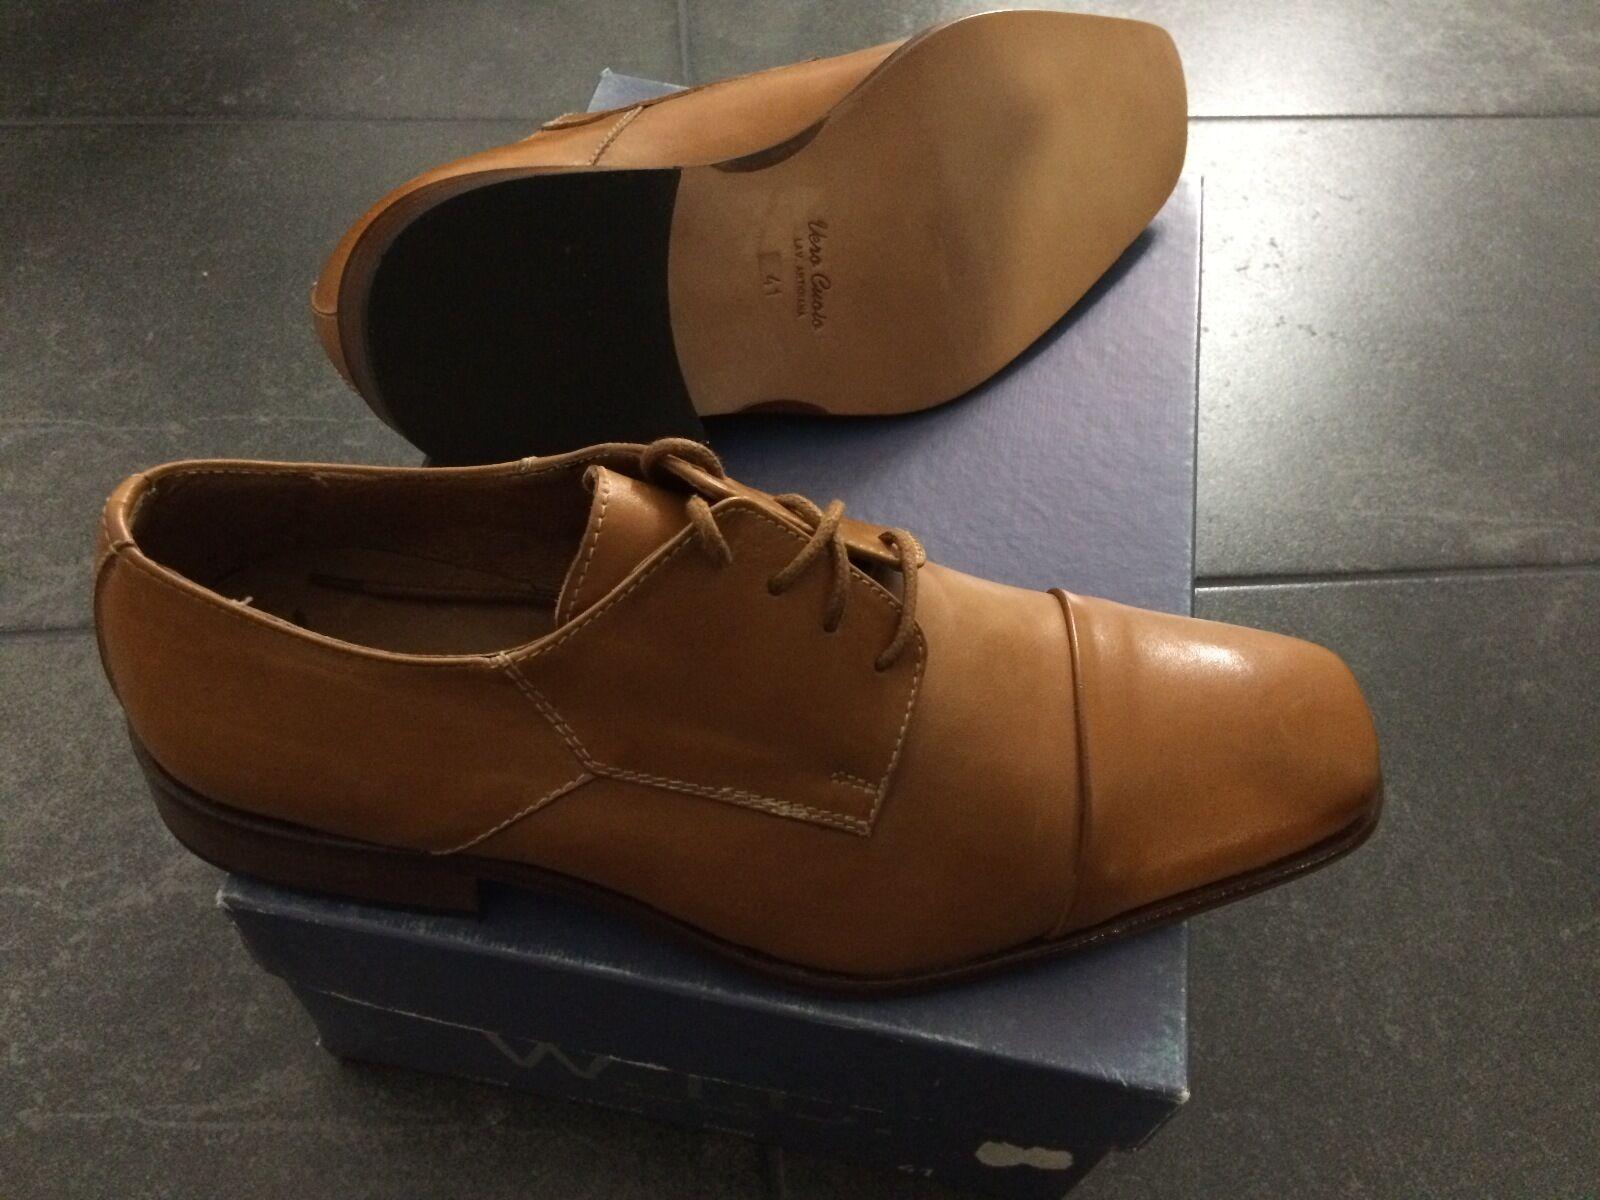 W.T.C. Nagelneue Italienische Leder Schuhe Gr. 41 mit echter Leder Sole OVP